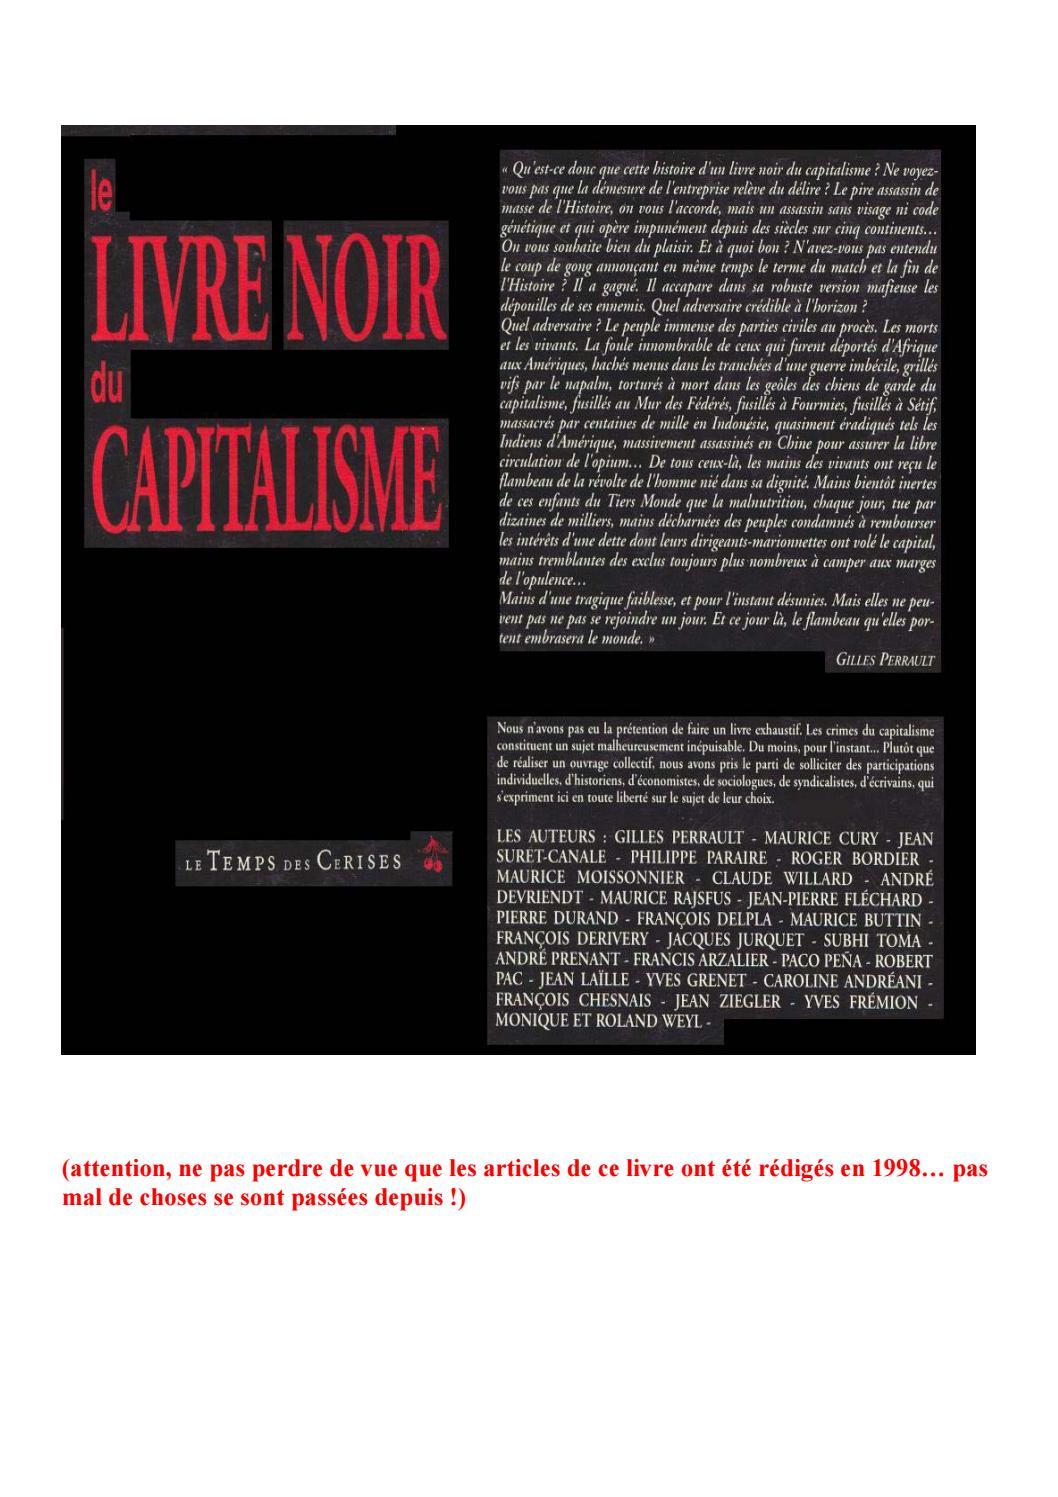 Le livre noir du capitalisme by Lectures du Désordre - issuu 36fac4cbd9db